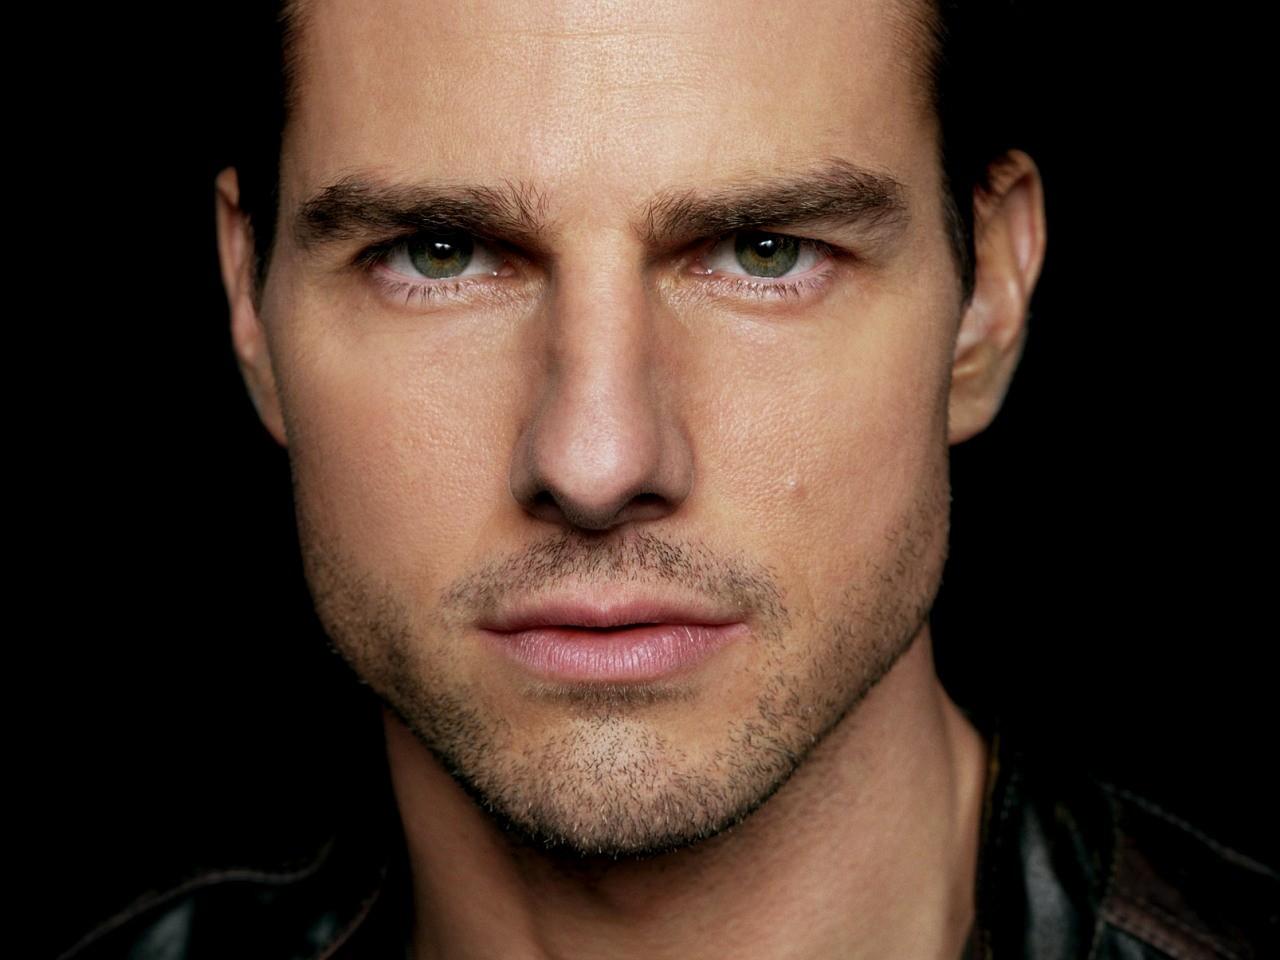 Скачать обои Том Круз, Tom Cruise, Актеры бесплатно для рабочего стола